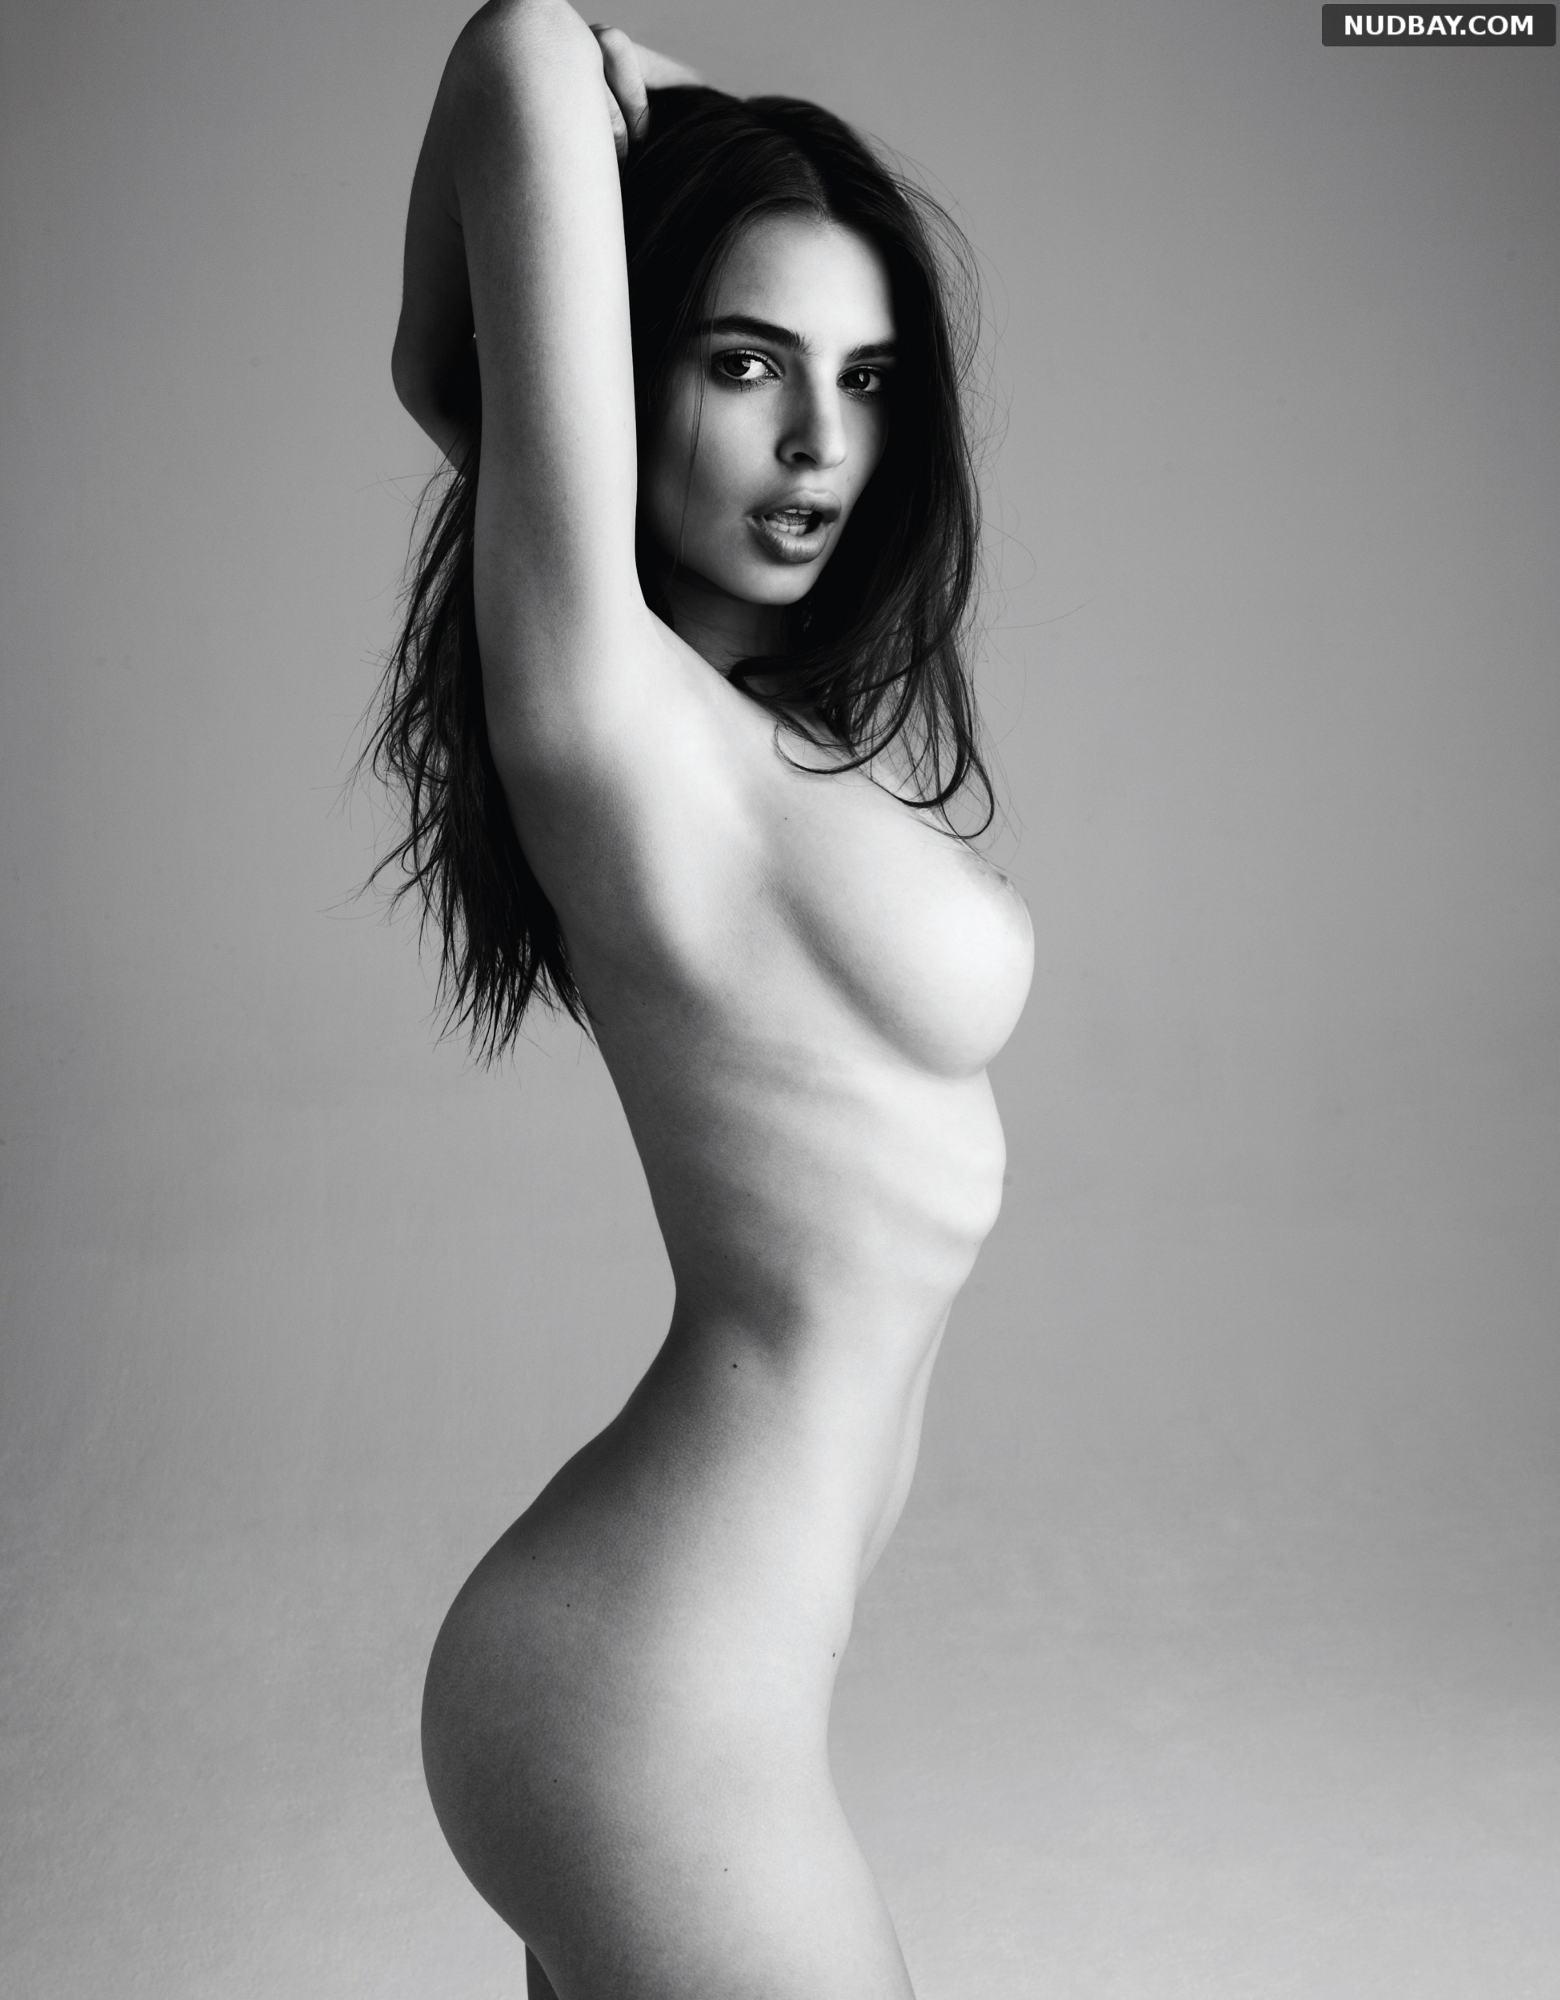 Emily Ratajkowski naked photoshoot Treats Magazine 2021